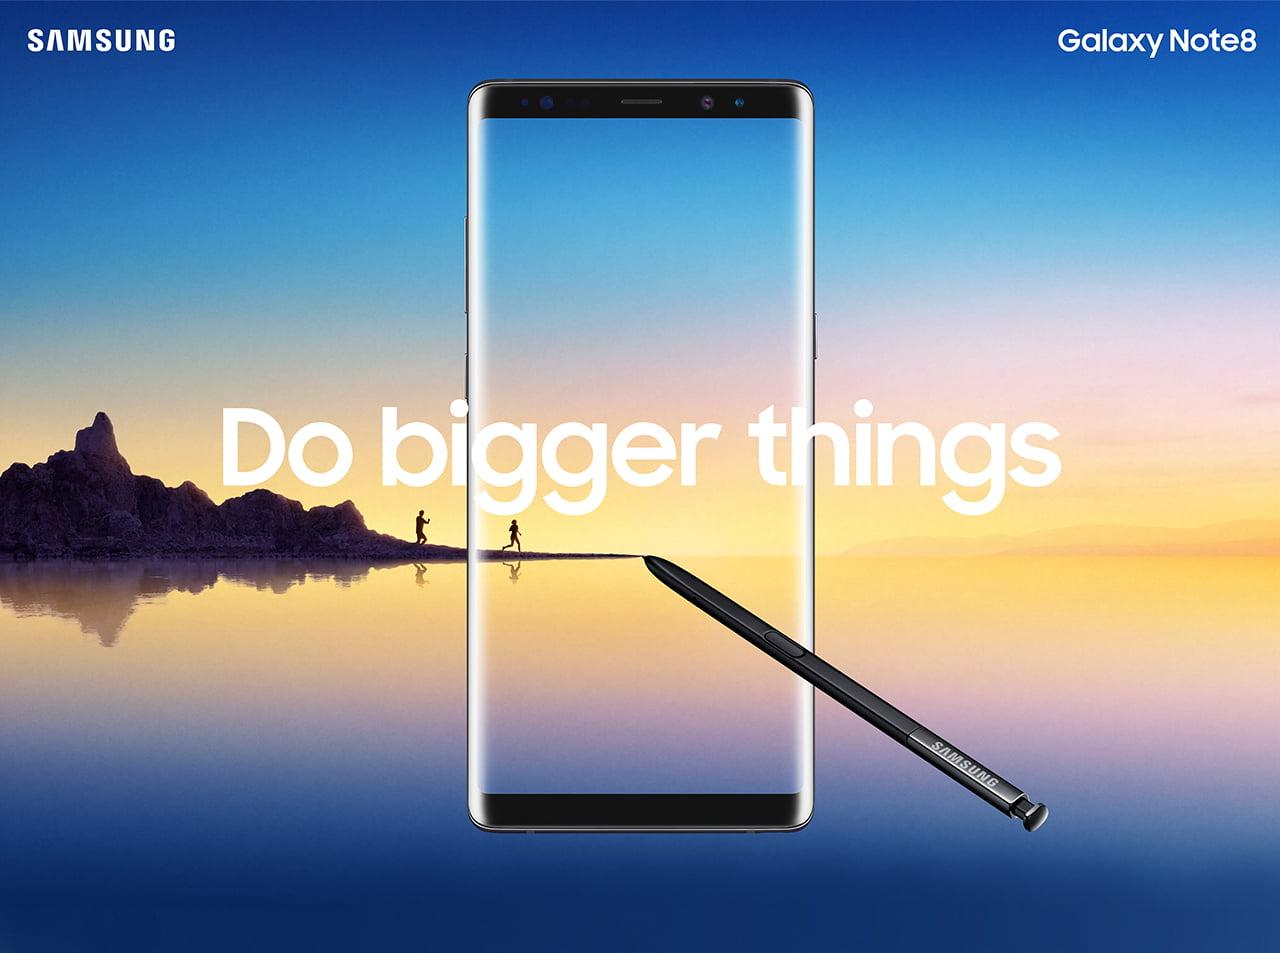 Samsung Galaxy Note 8. Do bigger things.